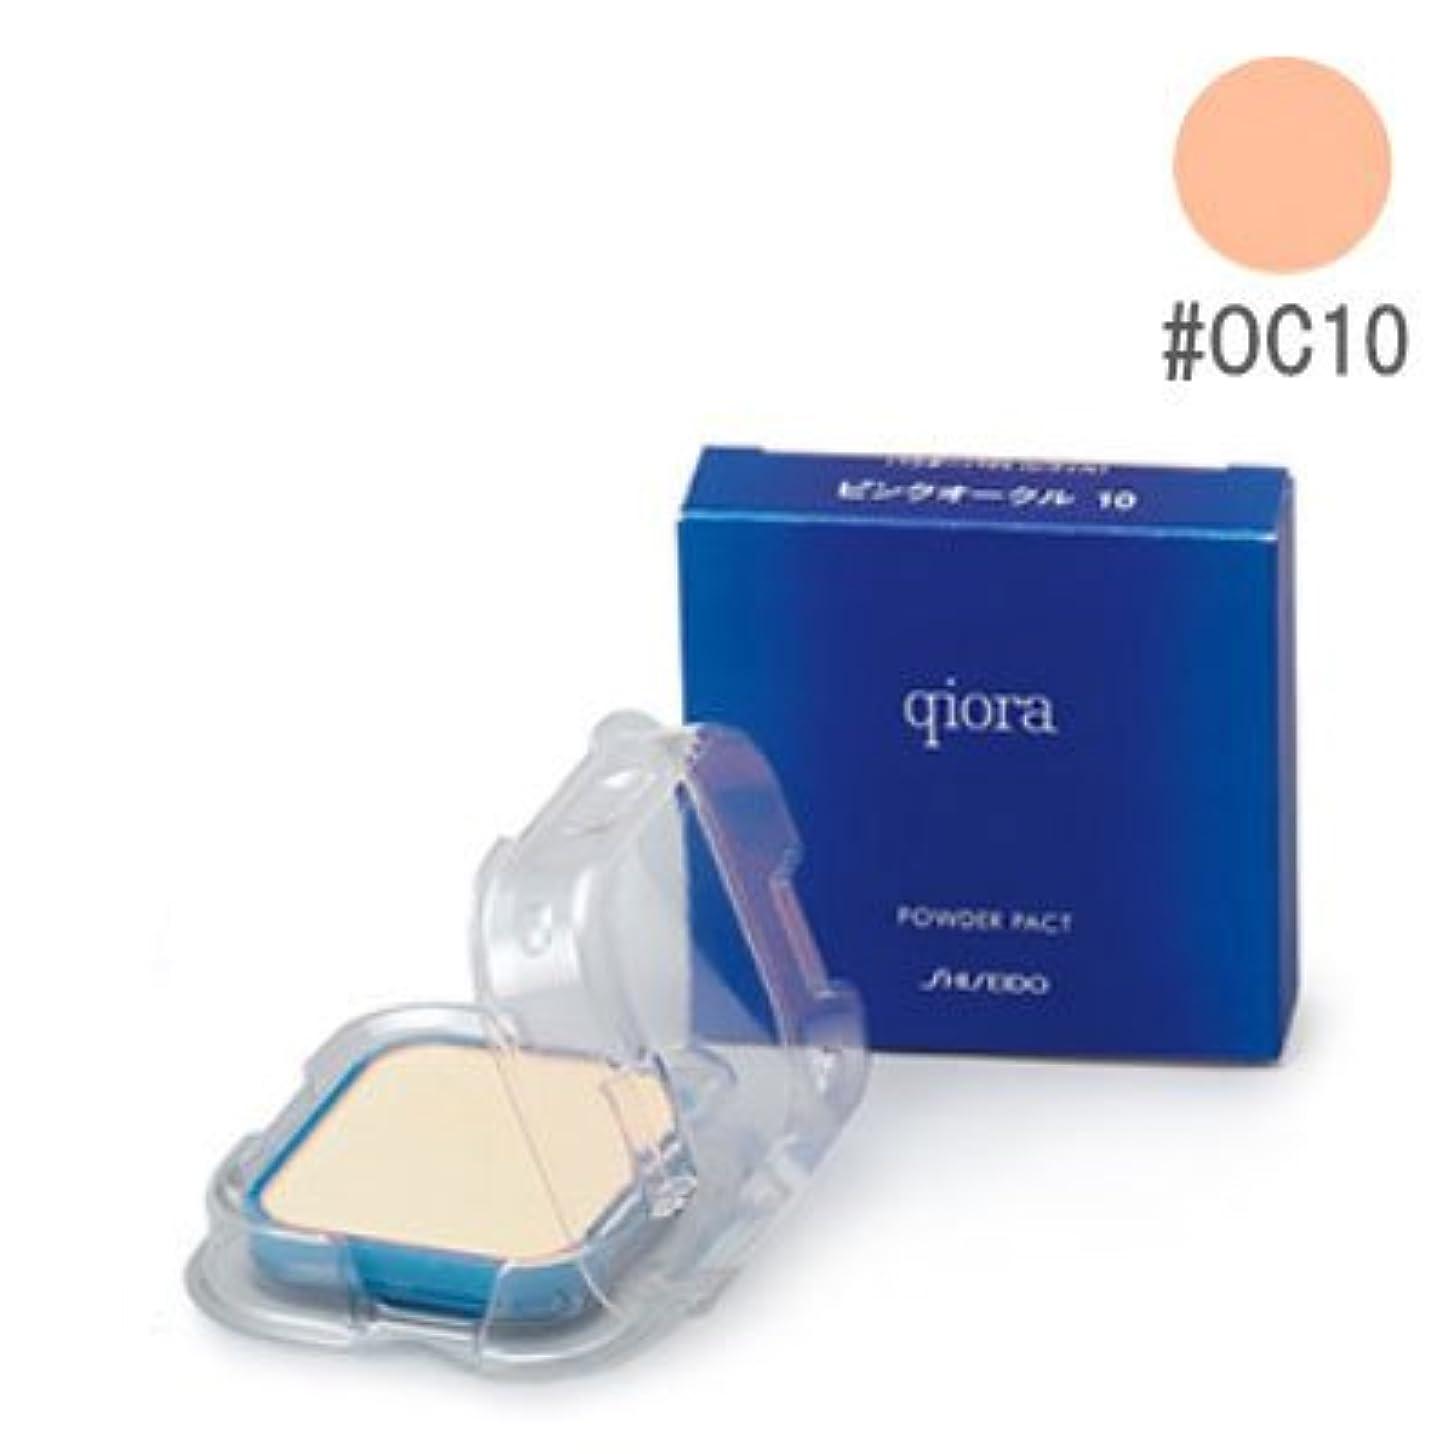 子供時代扱いやすい肥満資生堂キオラ[qiora]パウダーパクト#OC10